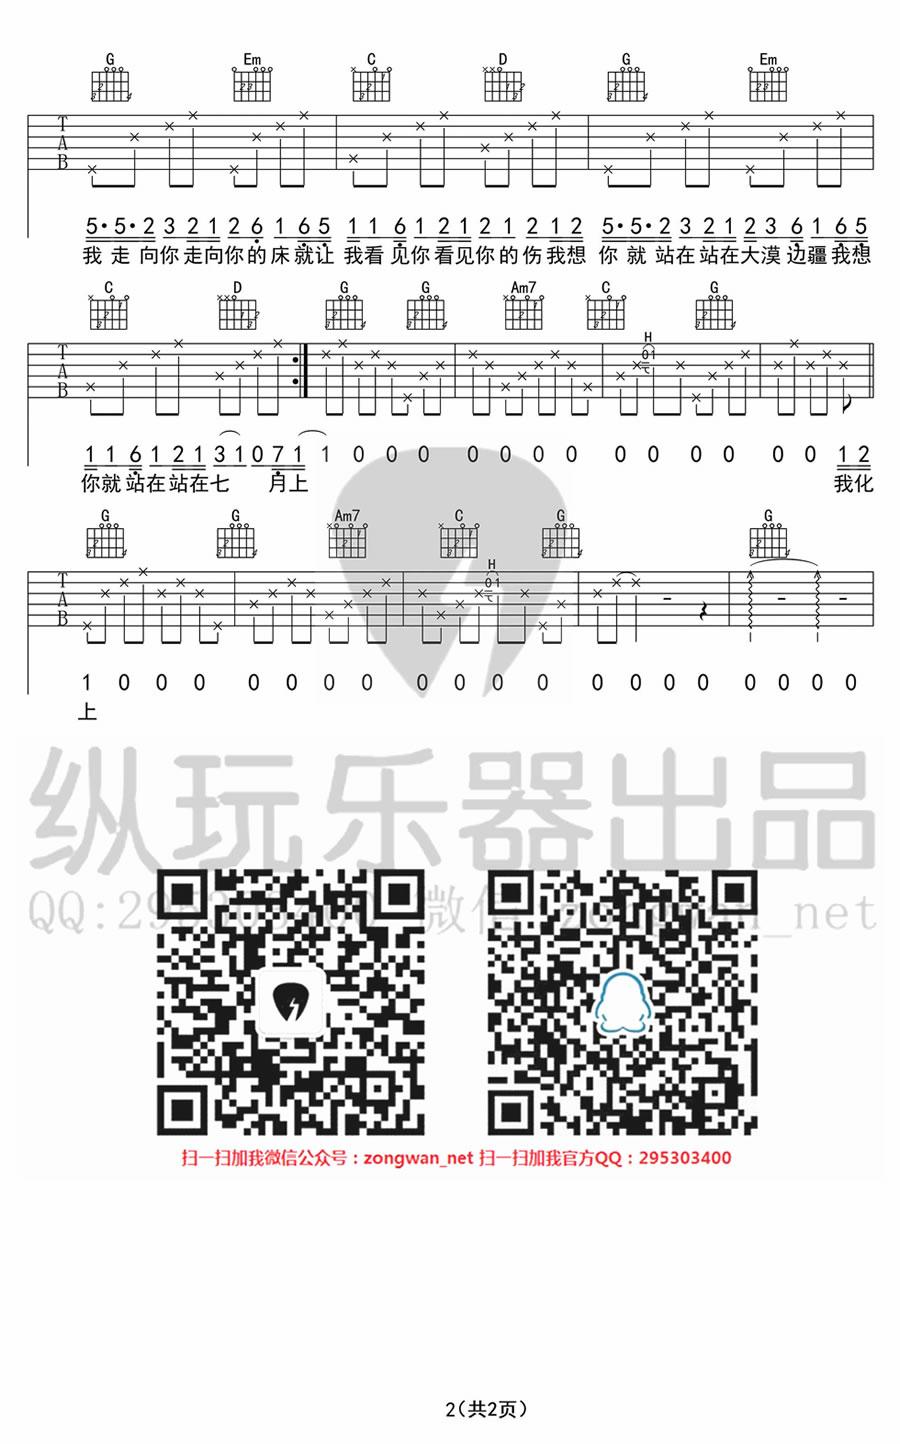 七月上吉他谱_jam_七月上六线吉他弹唱简单版图谱 吉他谱图片